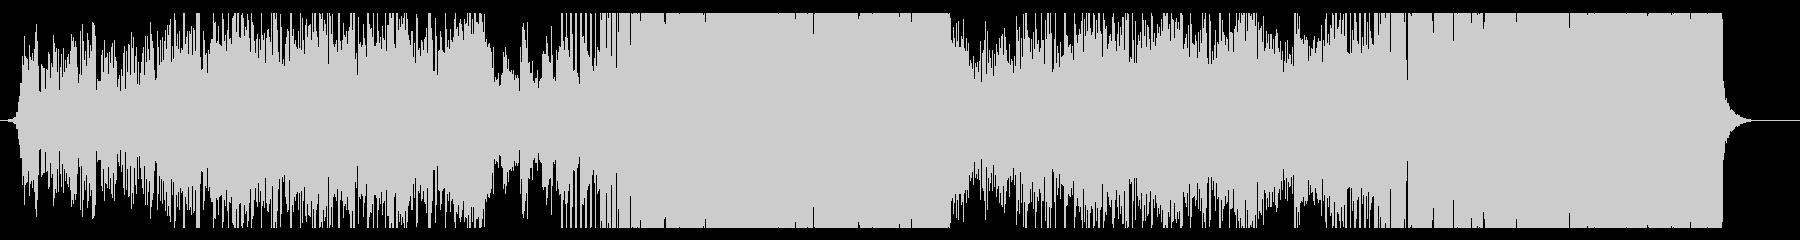 エモーショナルなフューチャーベースの未再生の波形